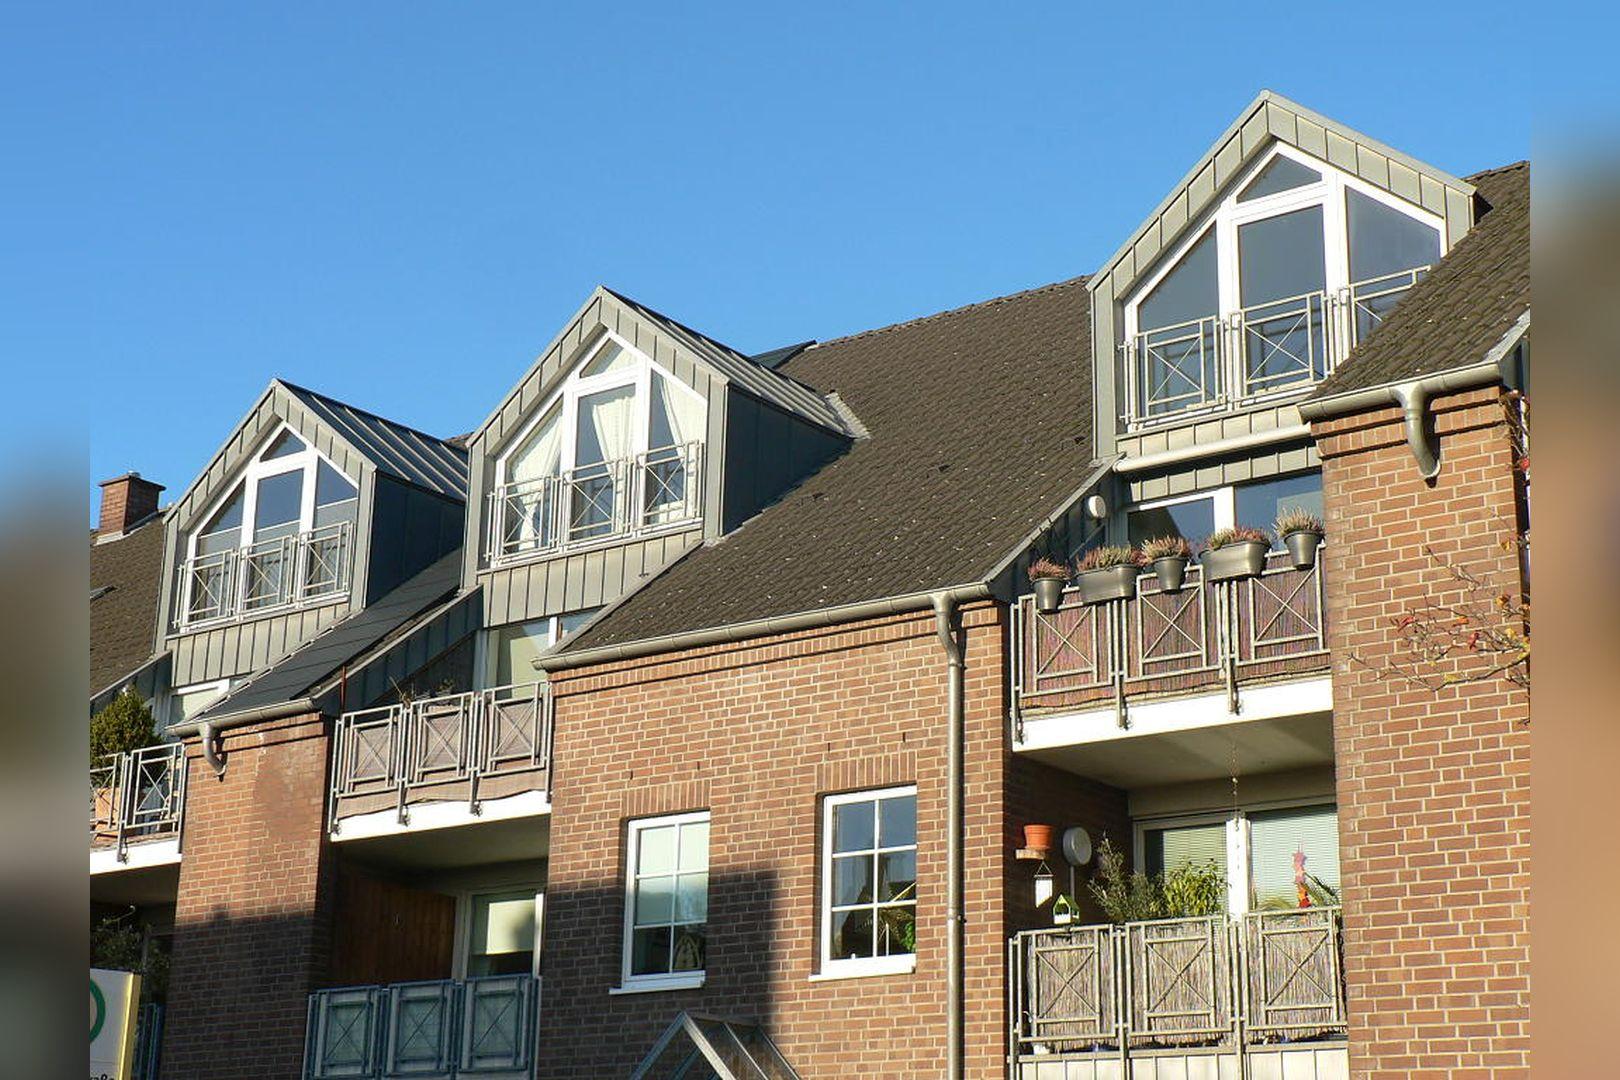 Immobilie Nr.0299 - 3-Zimmer-Wohnung über 2 Ebenen mit Balkon - Bild 3.jpg